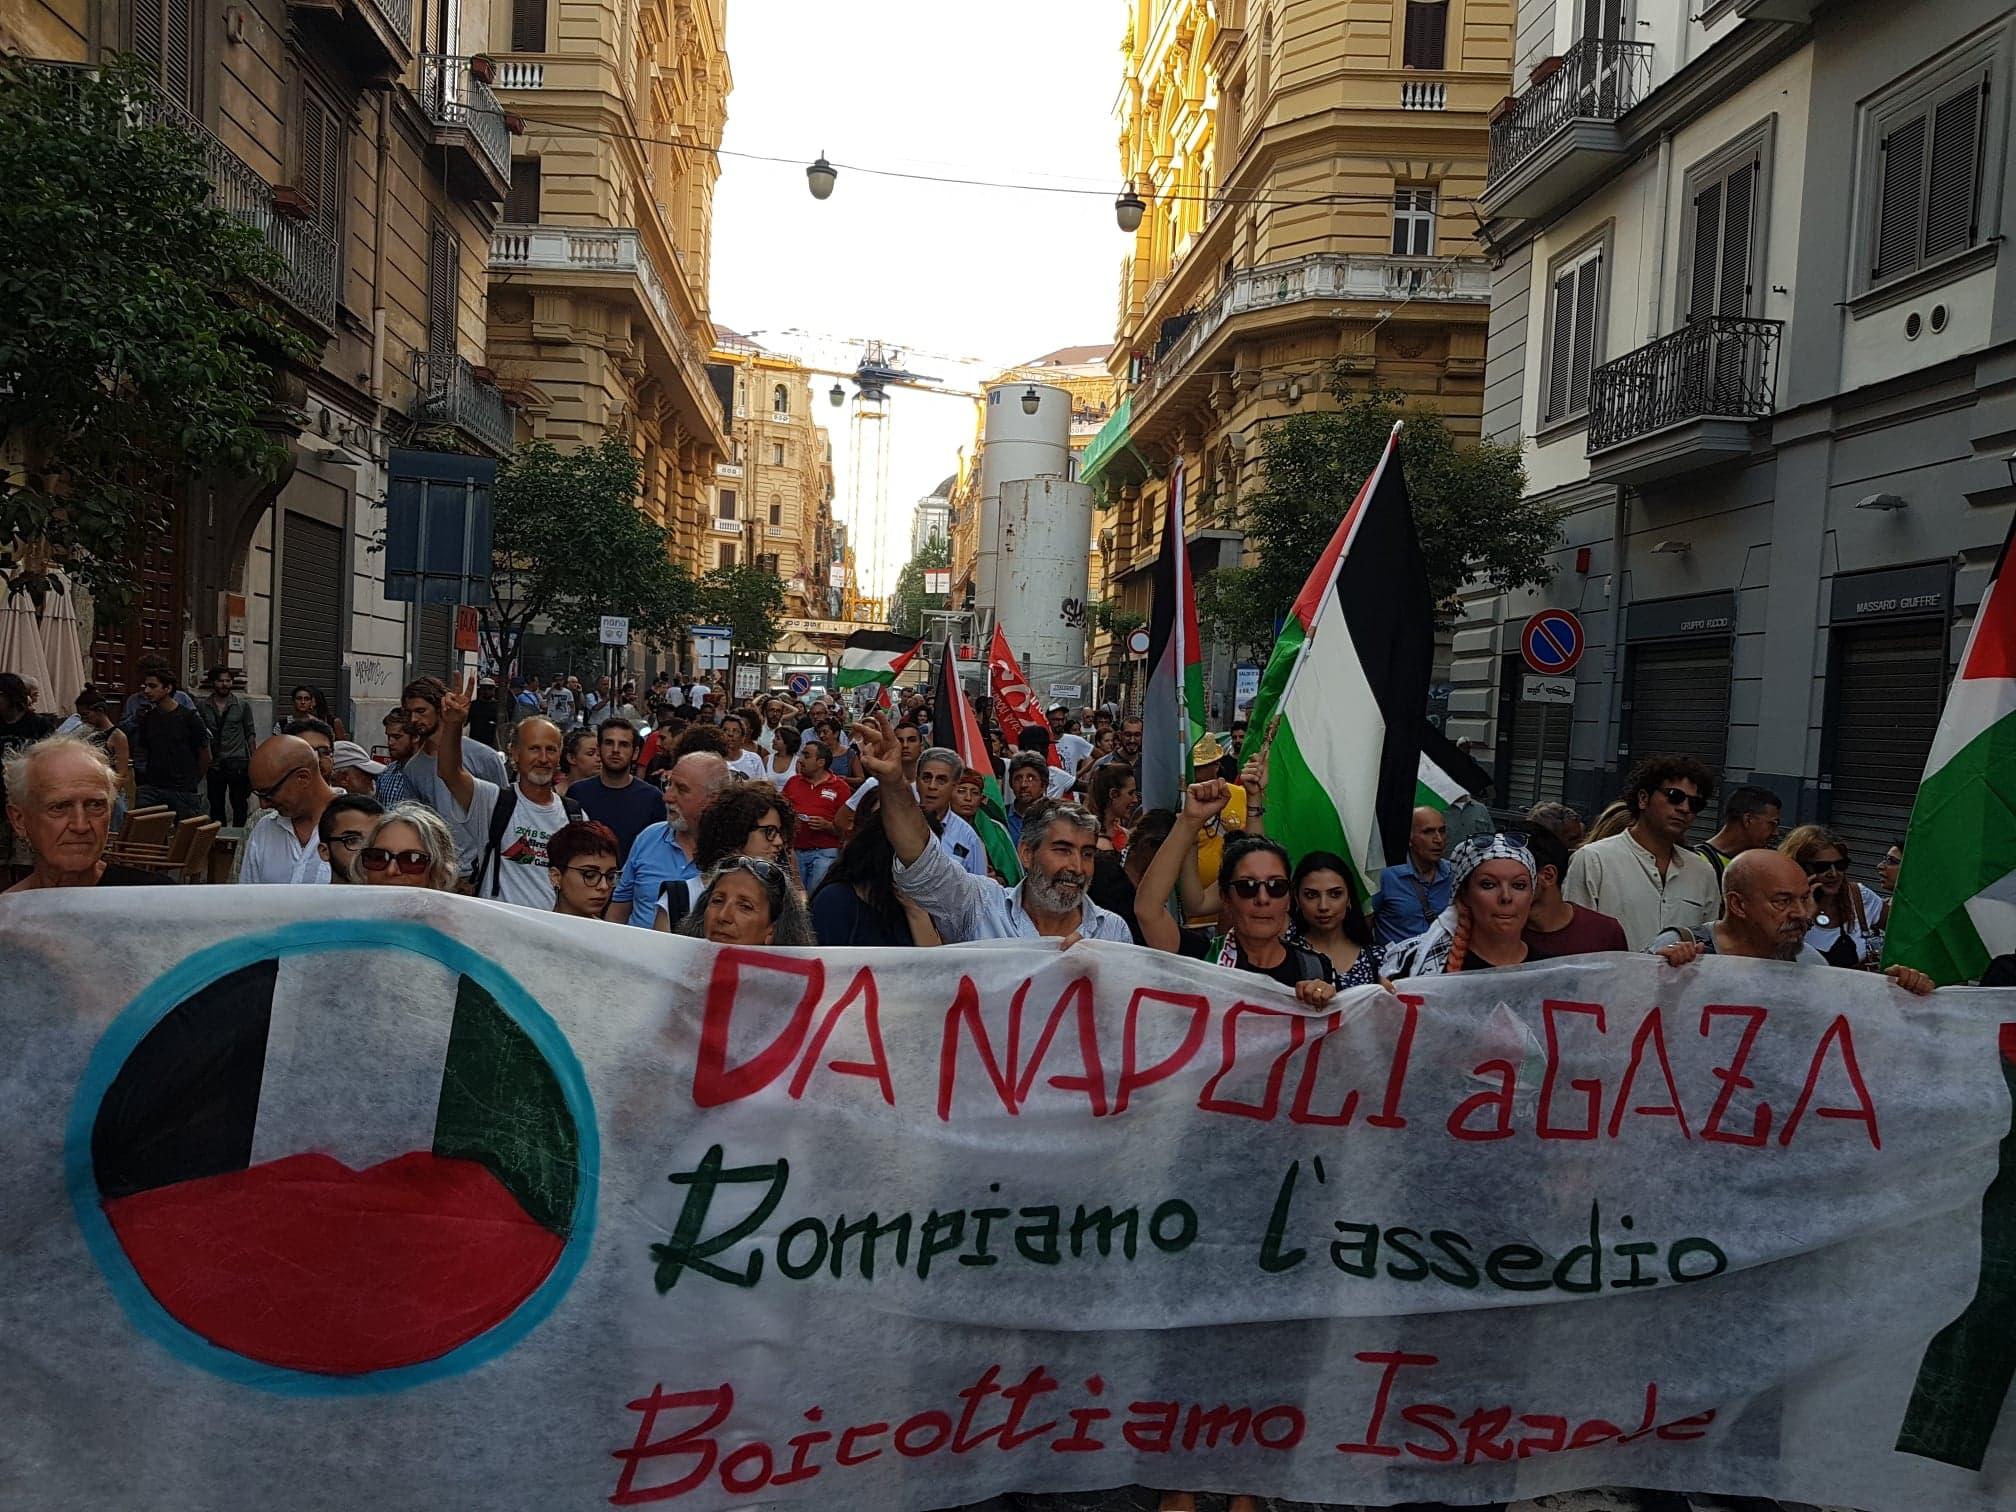 Il corteo d'accoglienza per la Freedom Flotilla ieri a Napoli (Foto: Nena News)